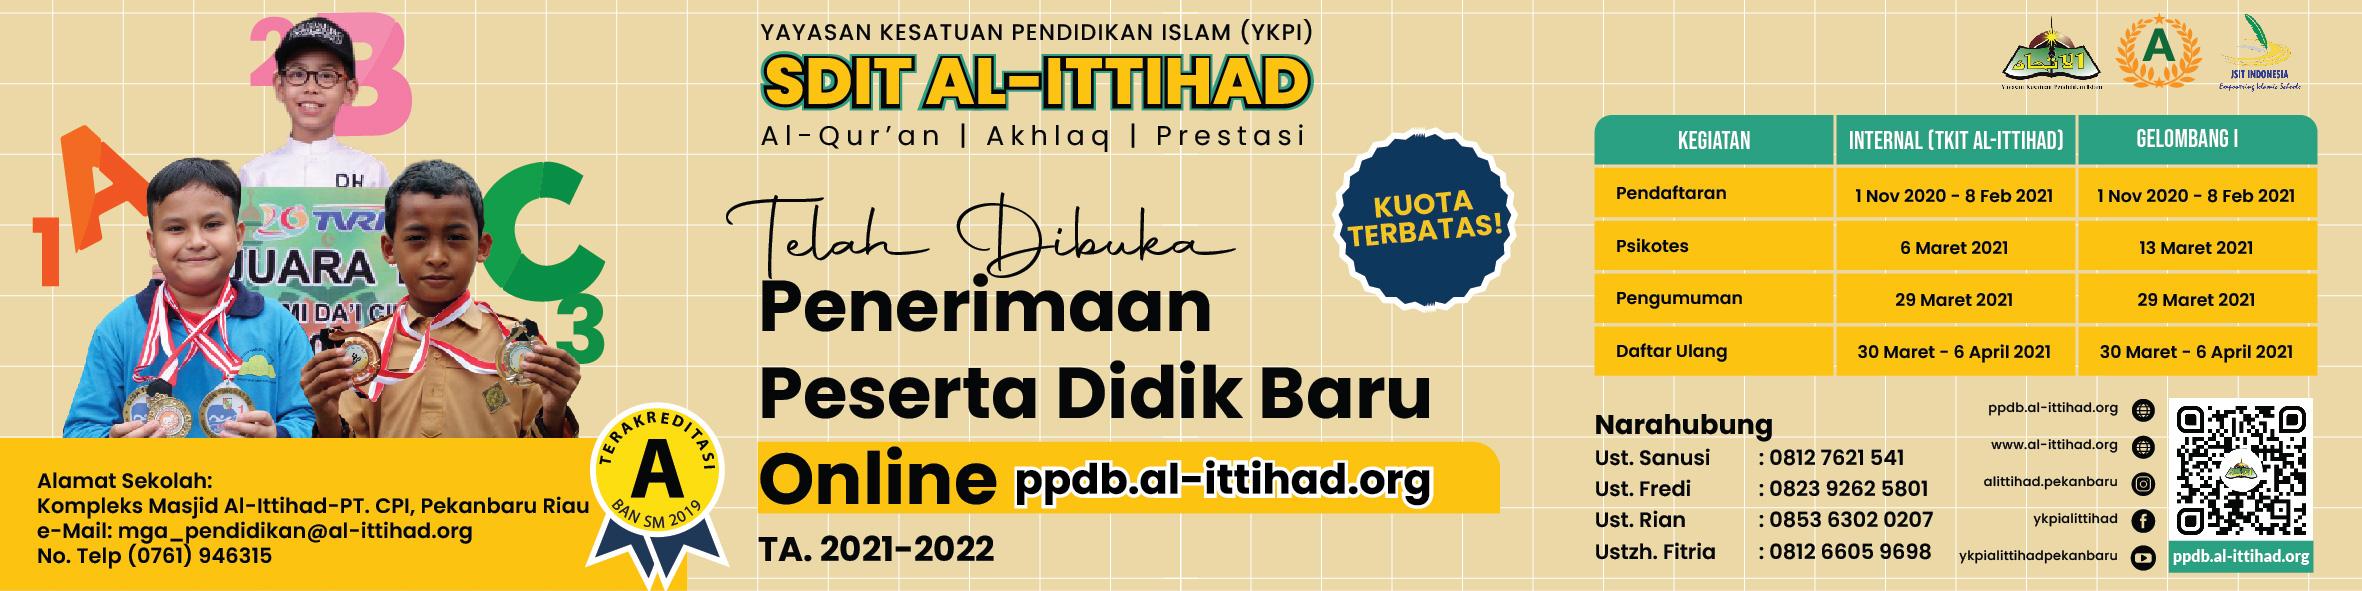 PPDB SDIT AL-ITTIHAD PEKANBARU TA.2021/2022